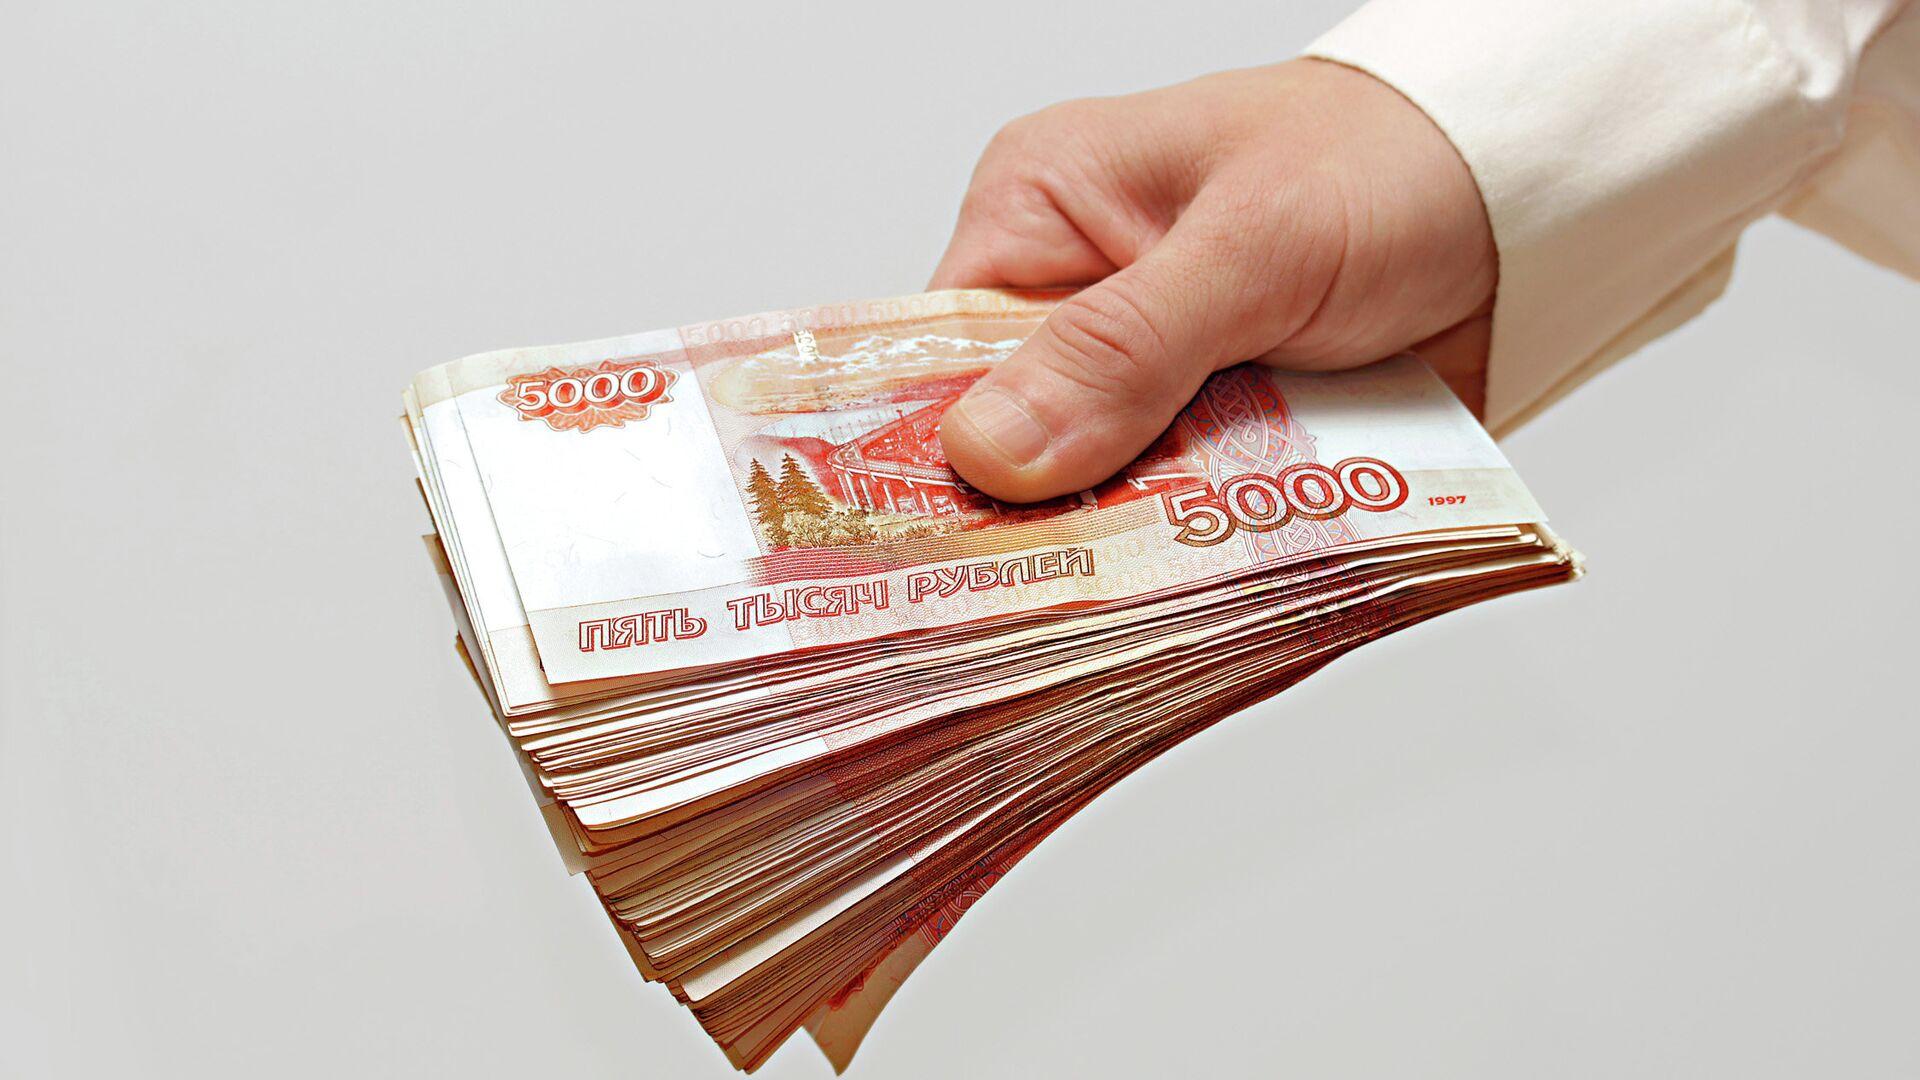 Мужчина протягивает деньги - РИА Новости, 1920, 10.11.2020